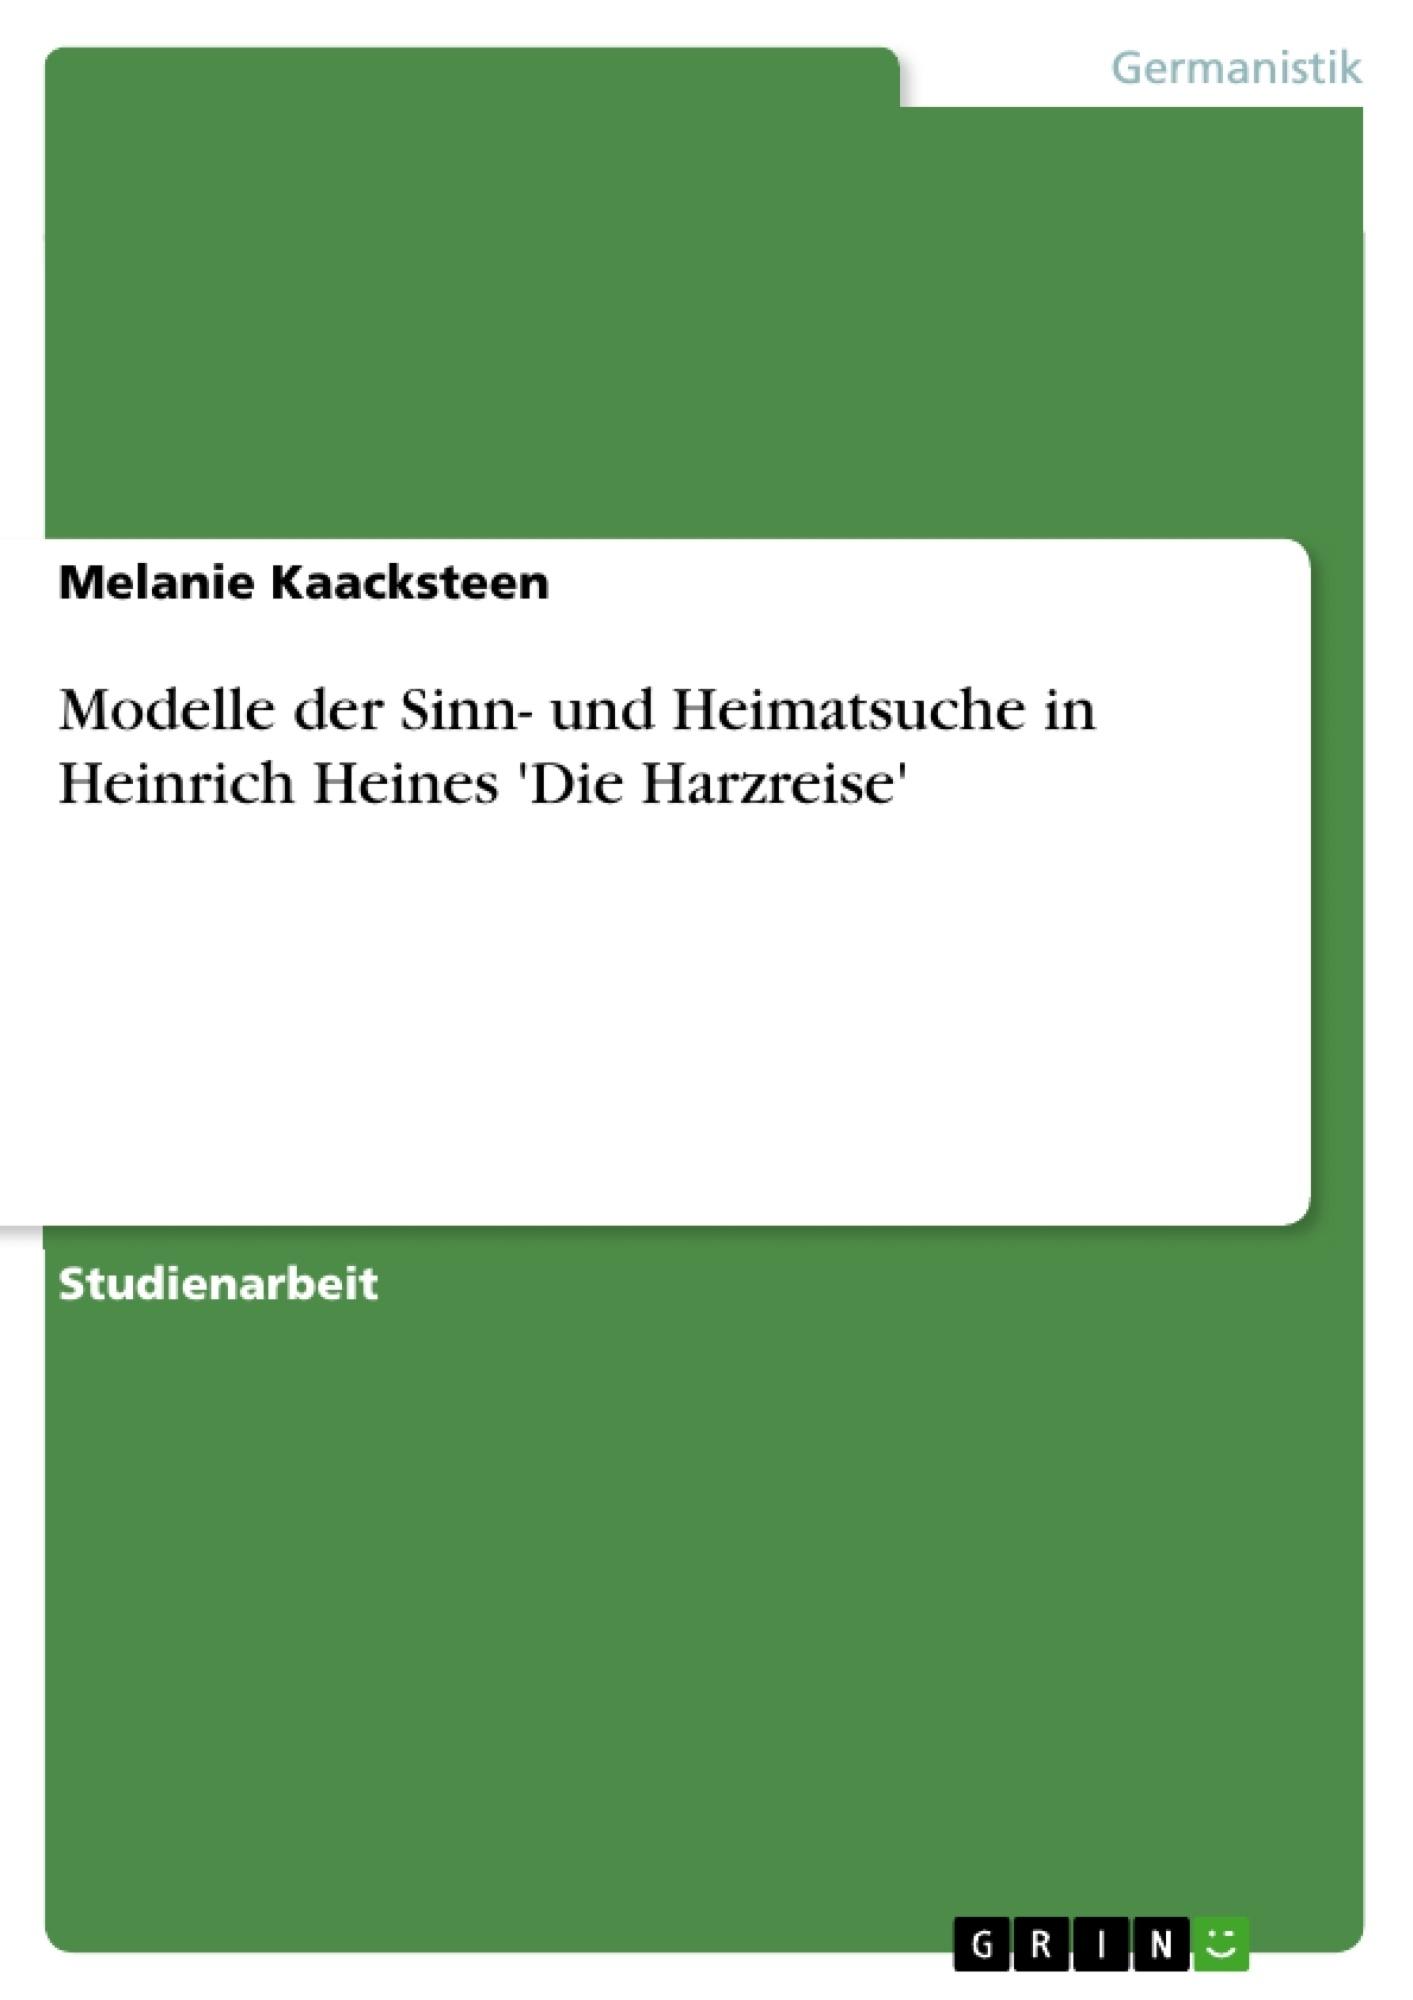 Titel: Modelle der Sinn- und Heimatsuche in Heinrich Heines 'Die Harzreise'